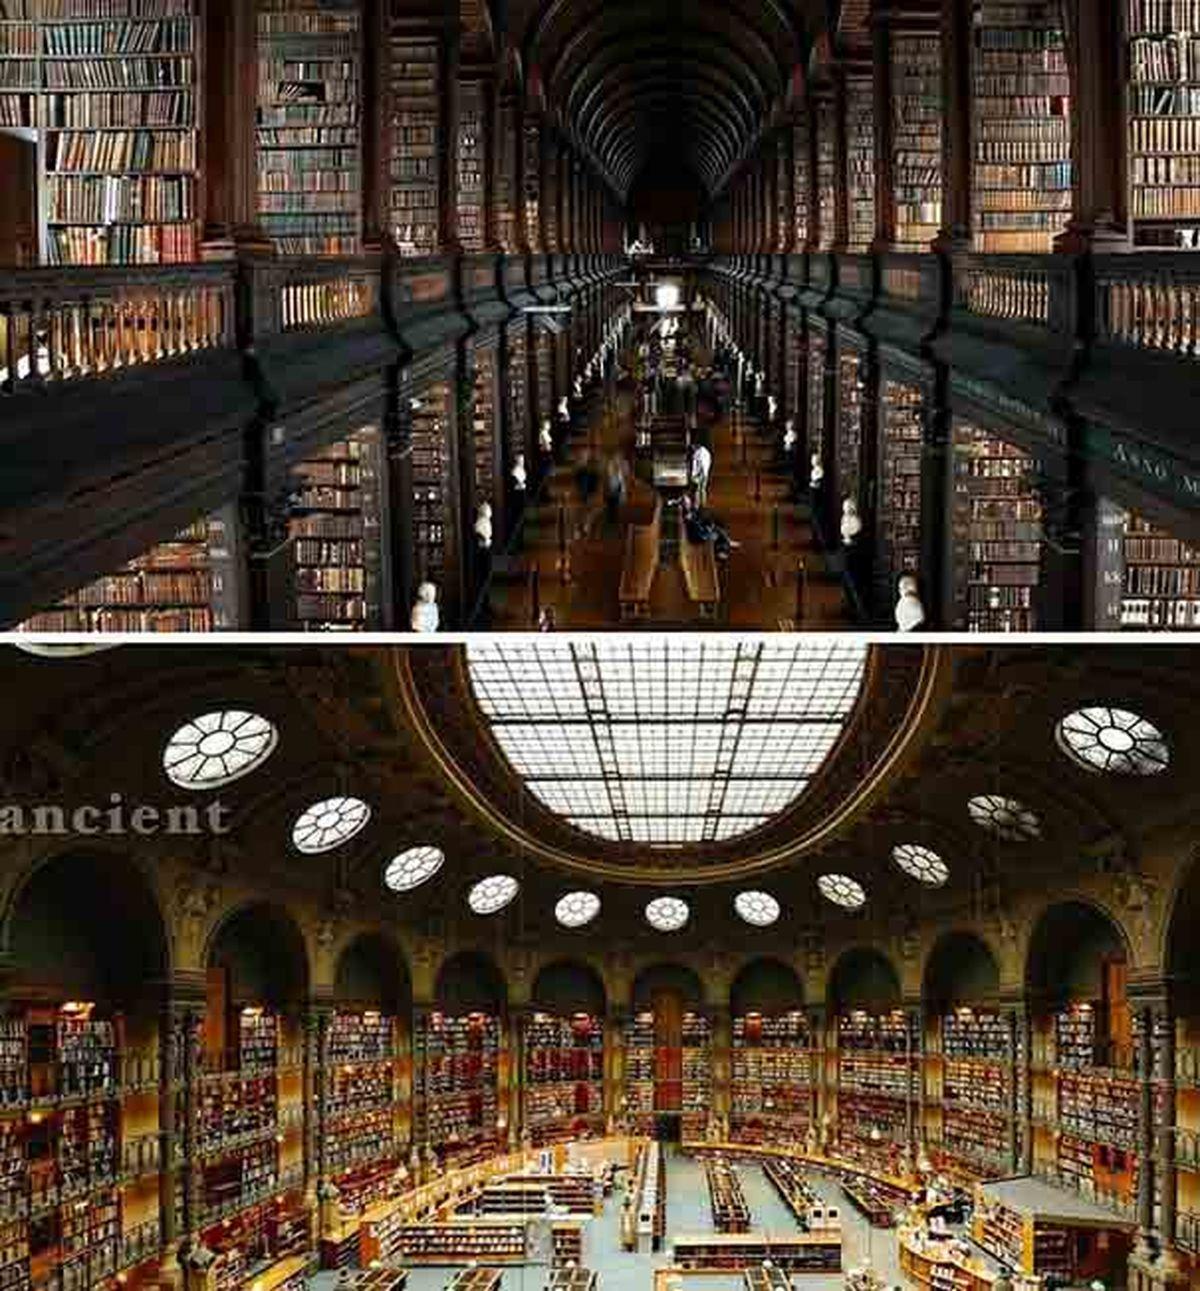 بزرگترین کتابخانه جهان با حدود 150 میلیون جلد کتاب